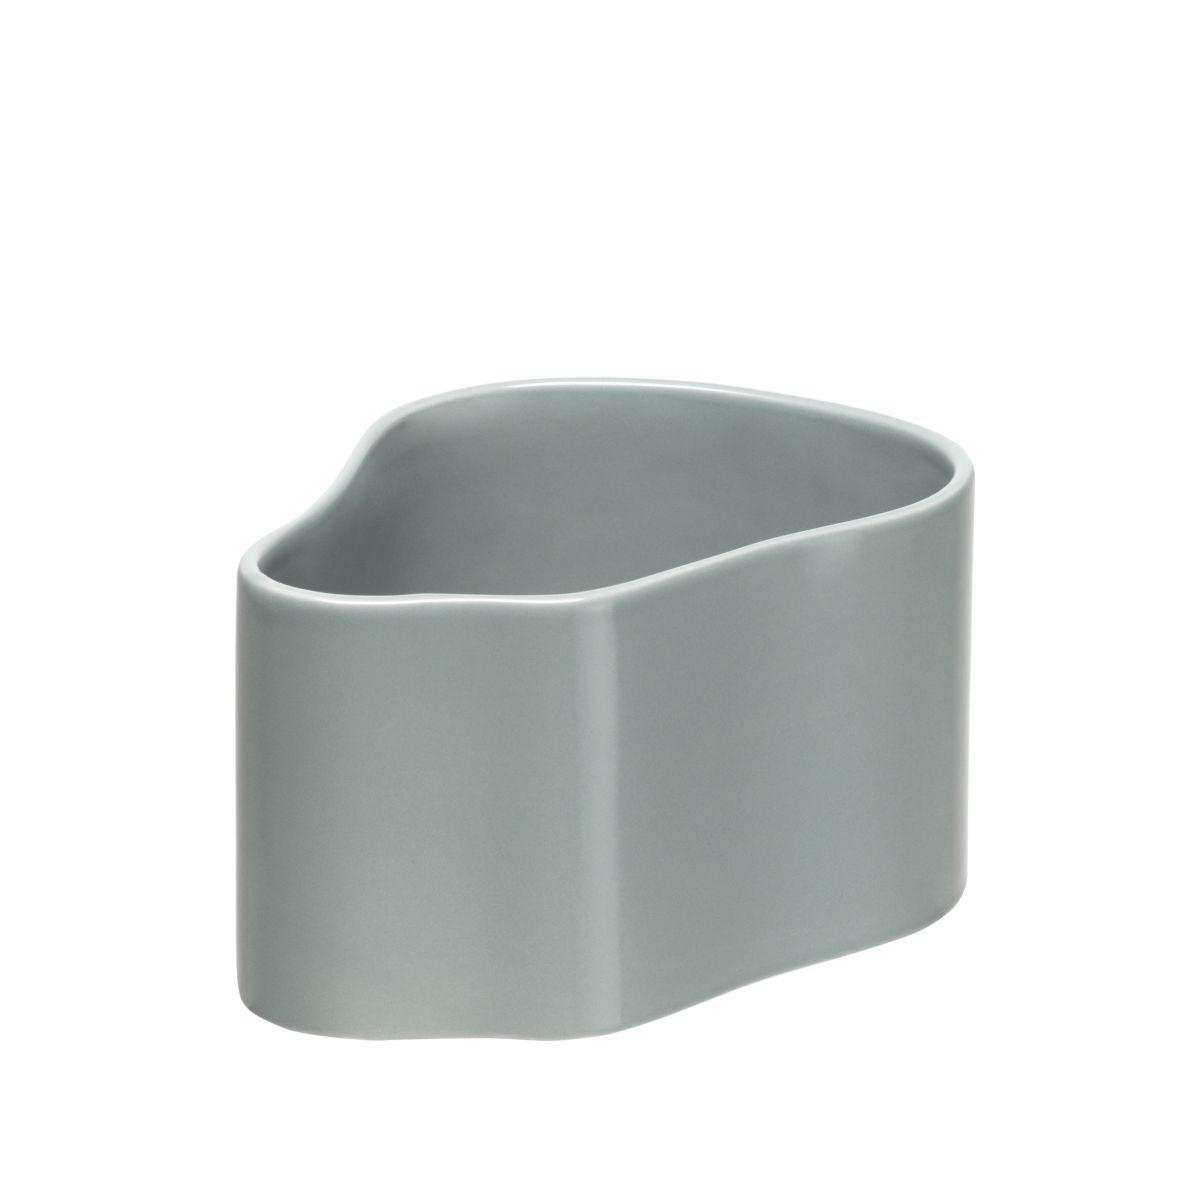 Plant pot shape A, size S, Light grey gloss_F